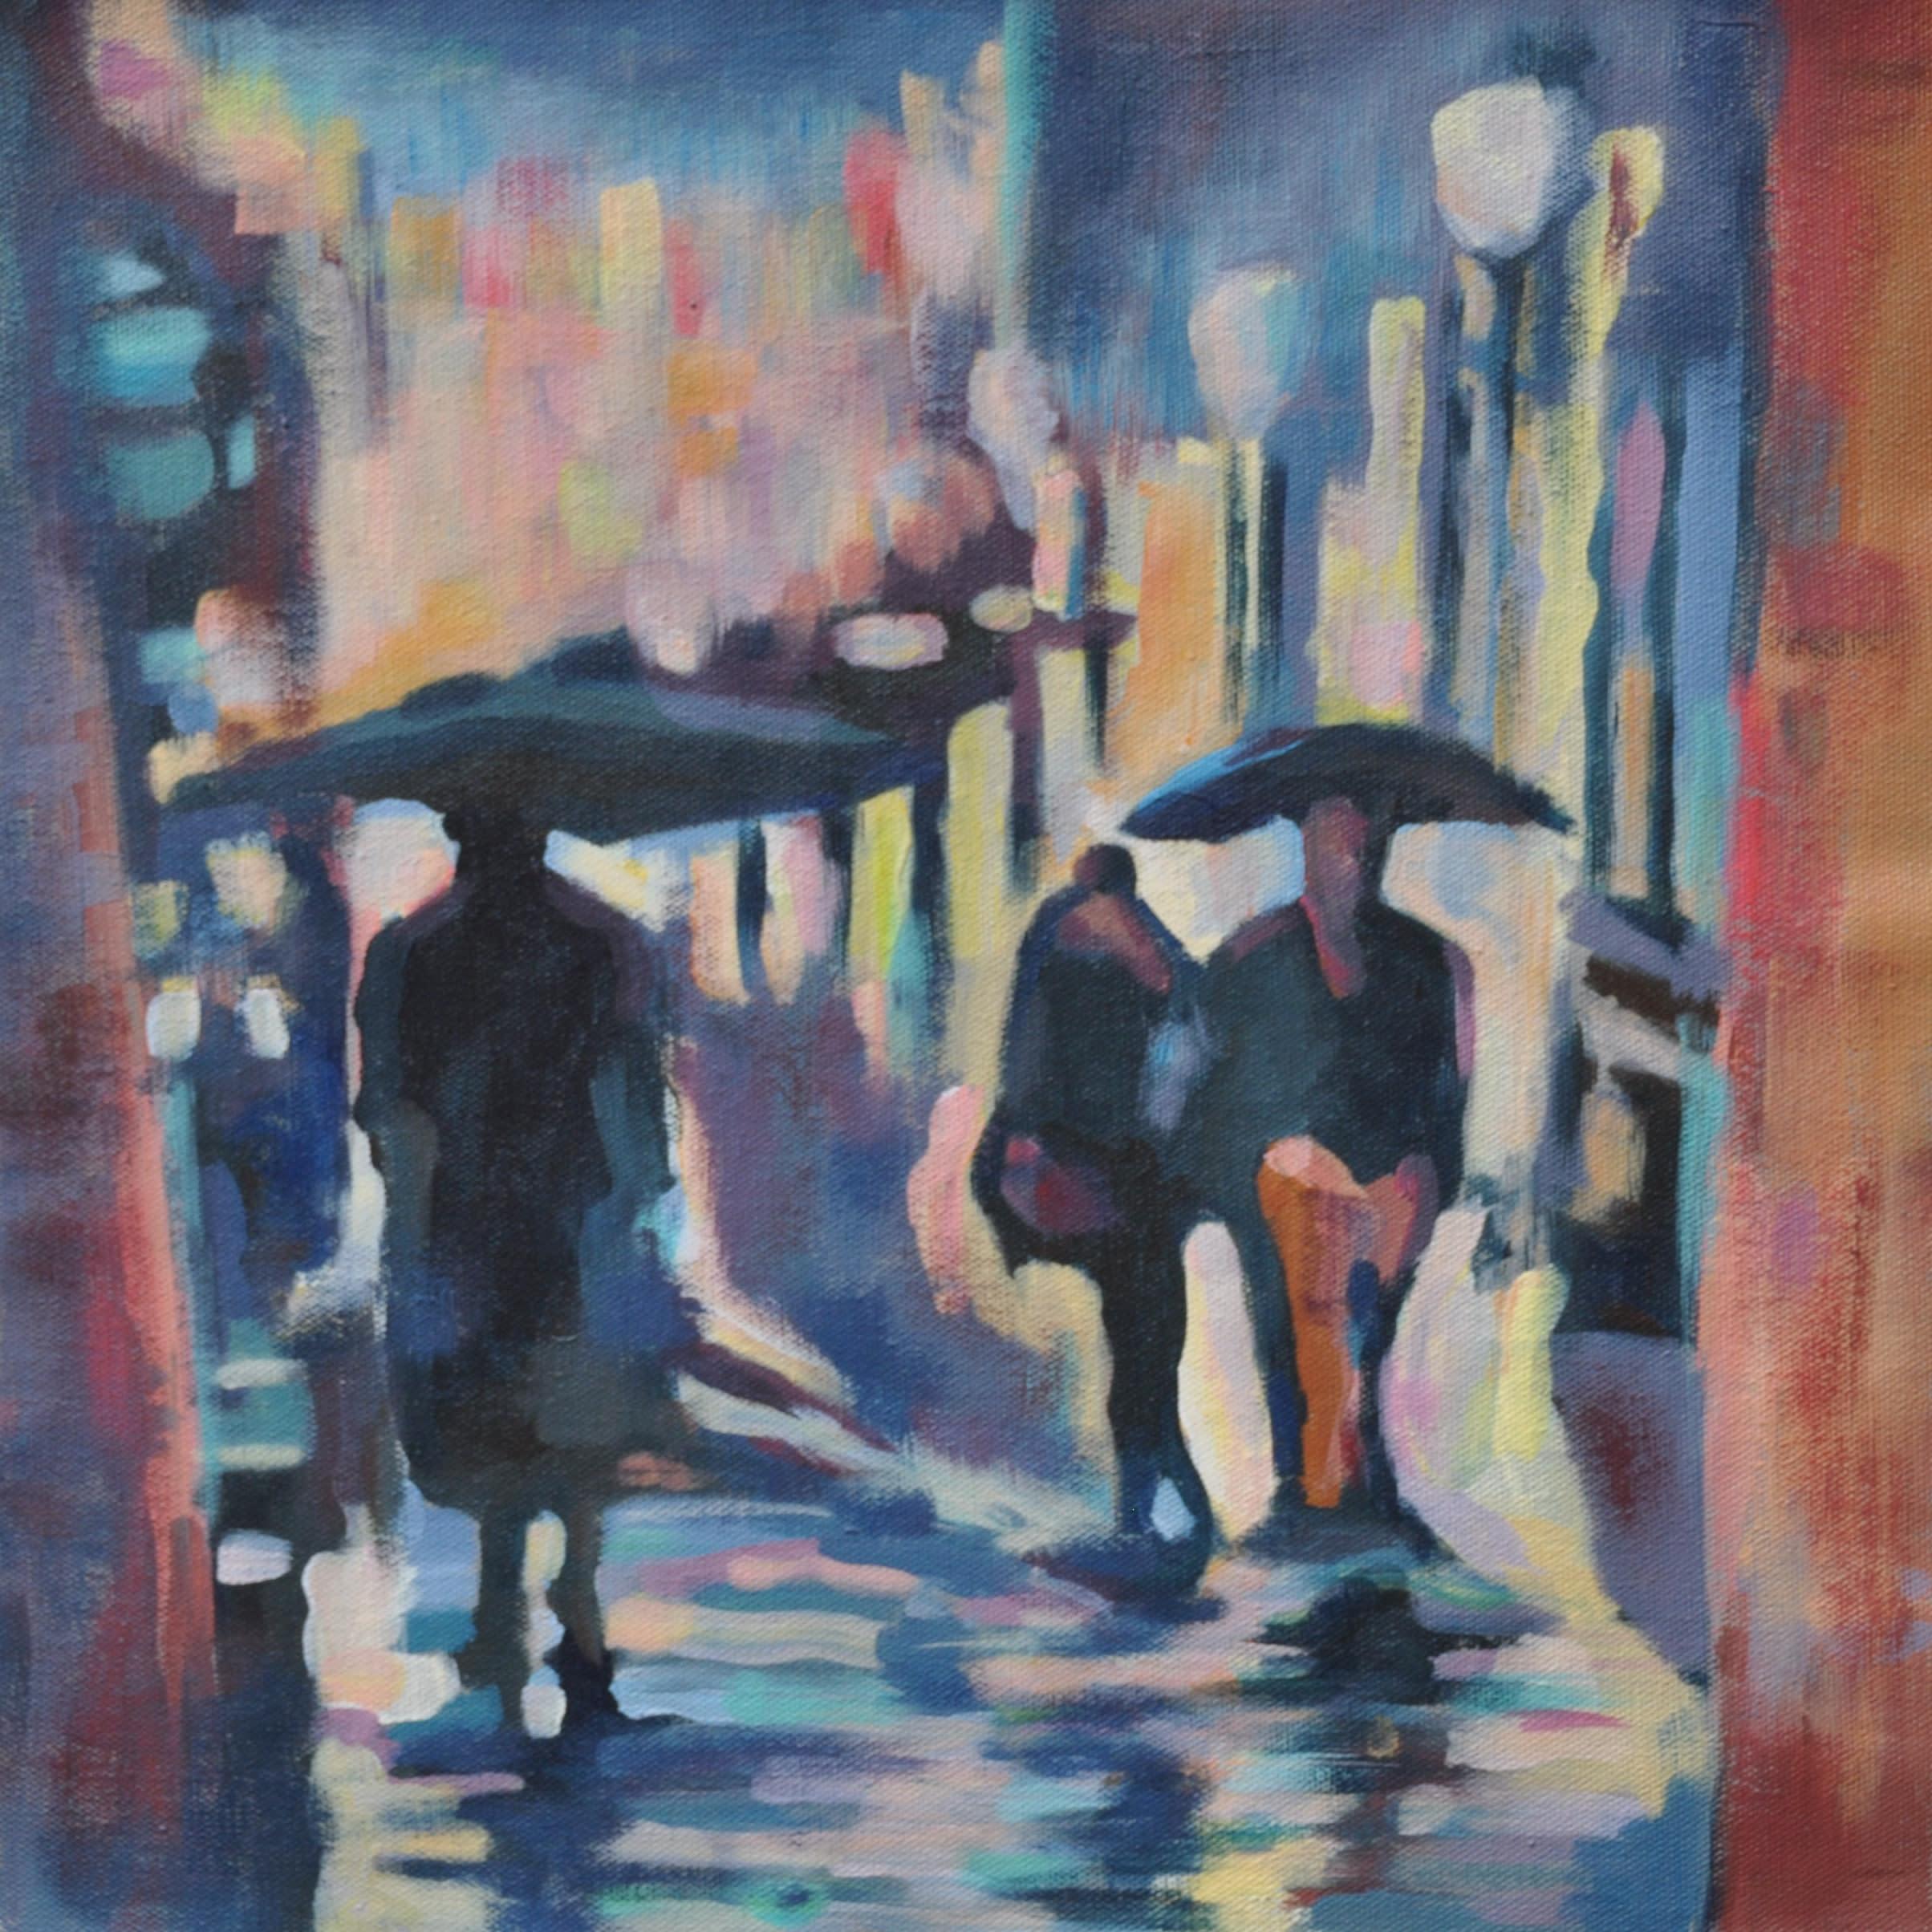 Rainy commute loose canvas 36x36cm qqblt6